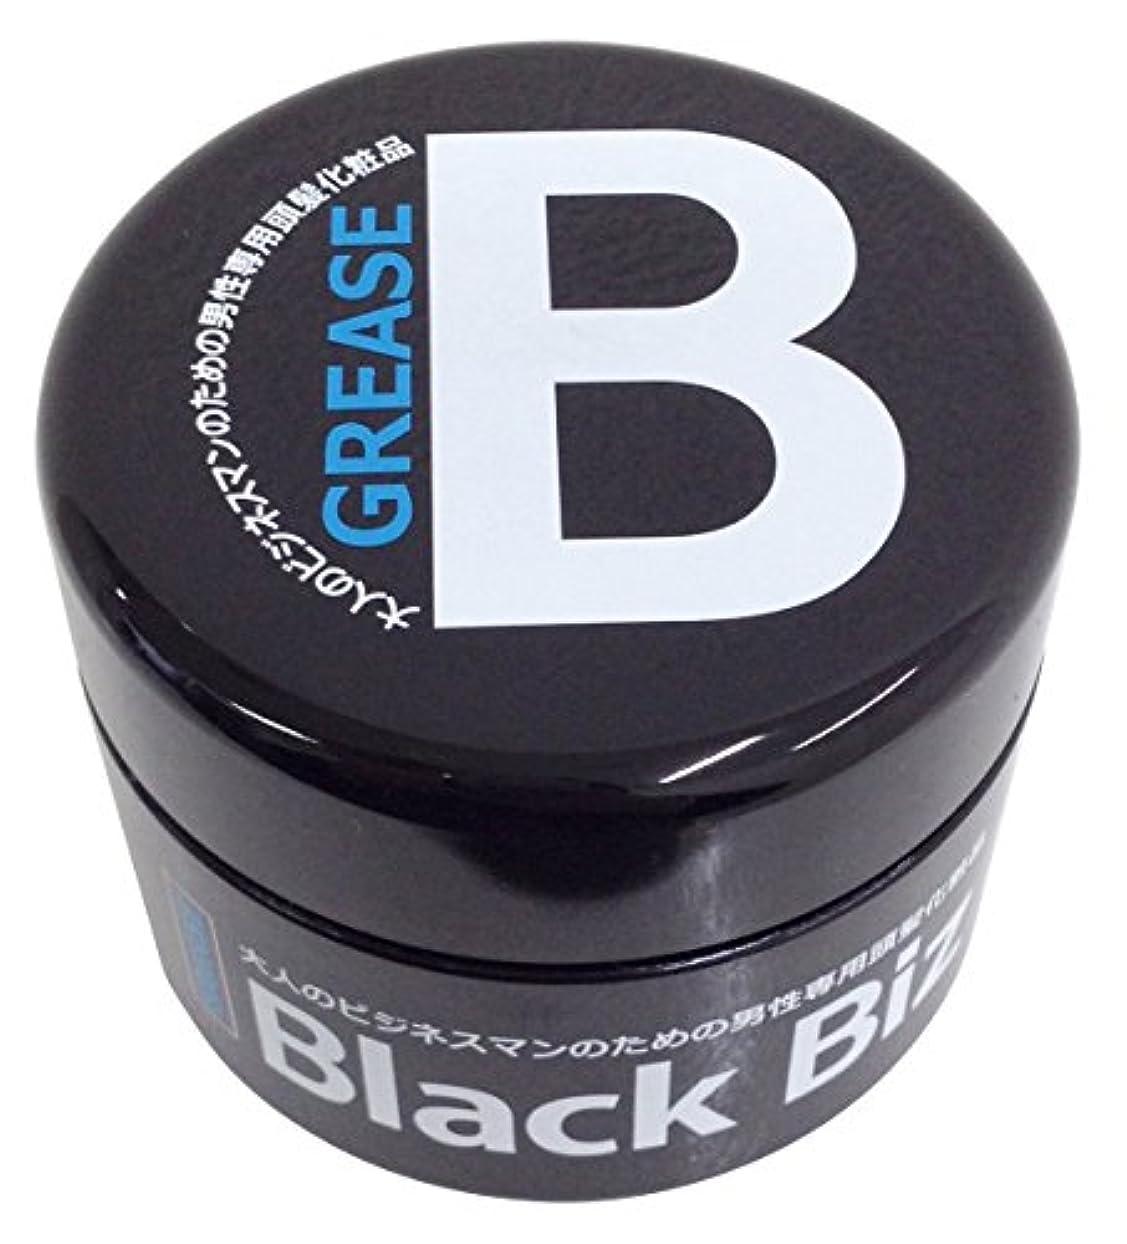 お肉それ慢大人のビジネスマンのための男性専用頭髪化粧品 BlackBiz GREASE SOFT ブラックビズ グリース ソフト